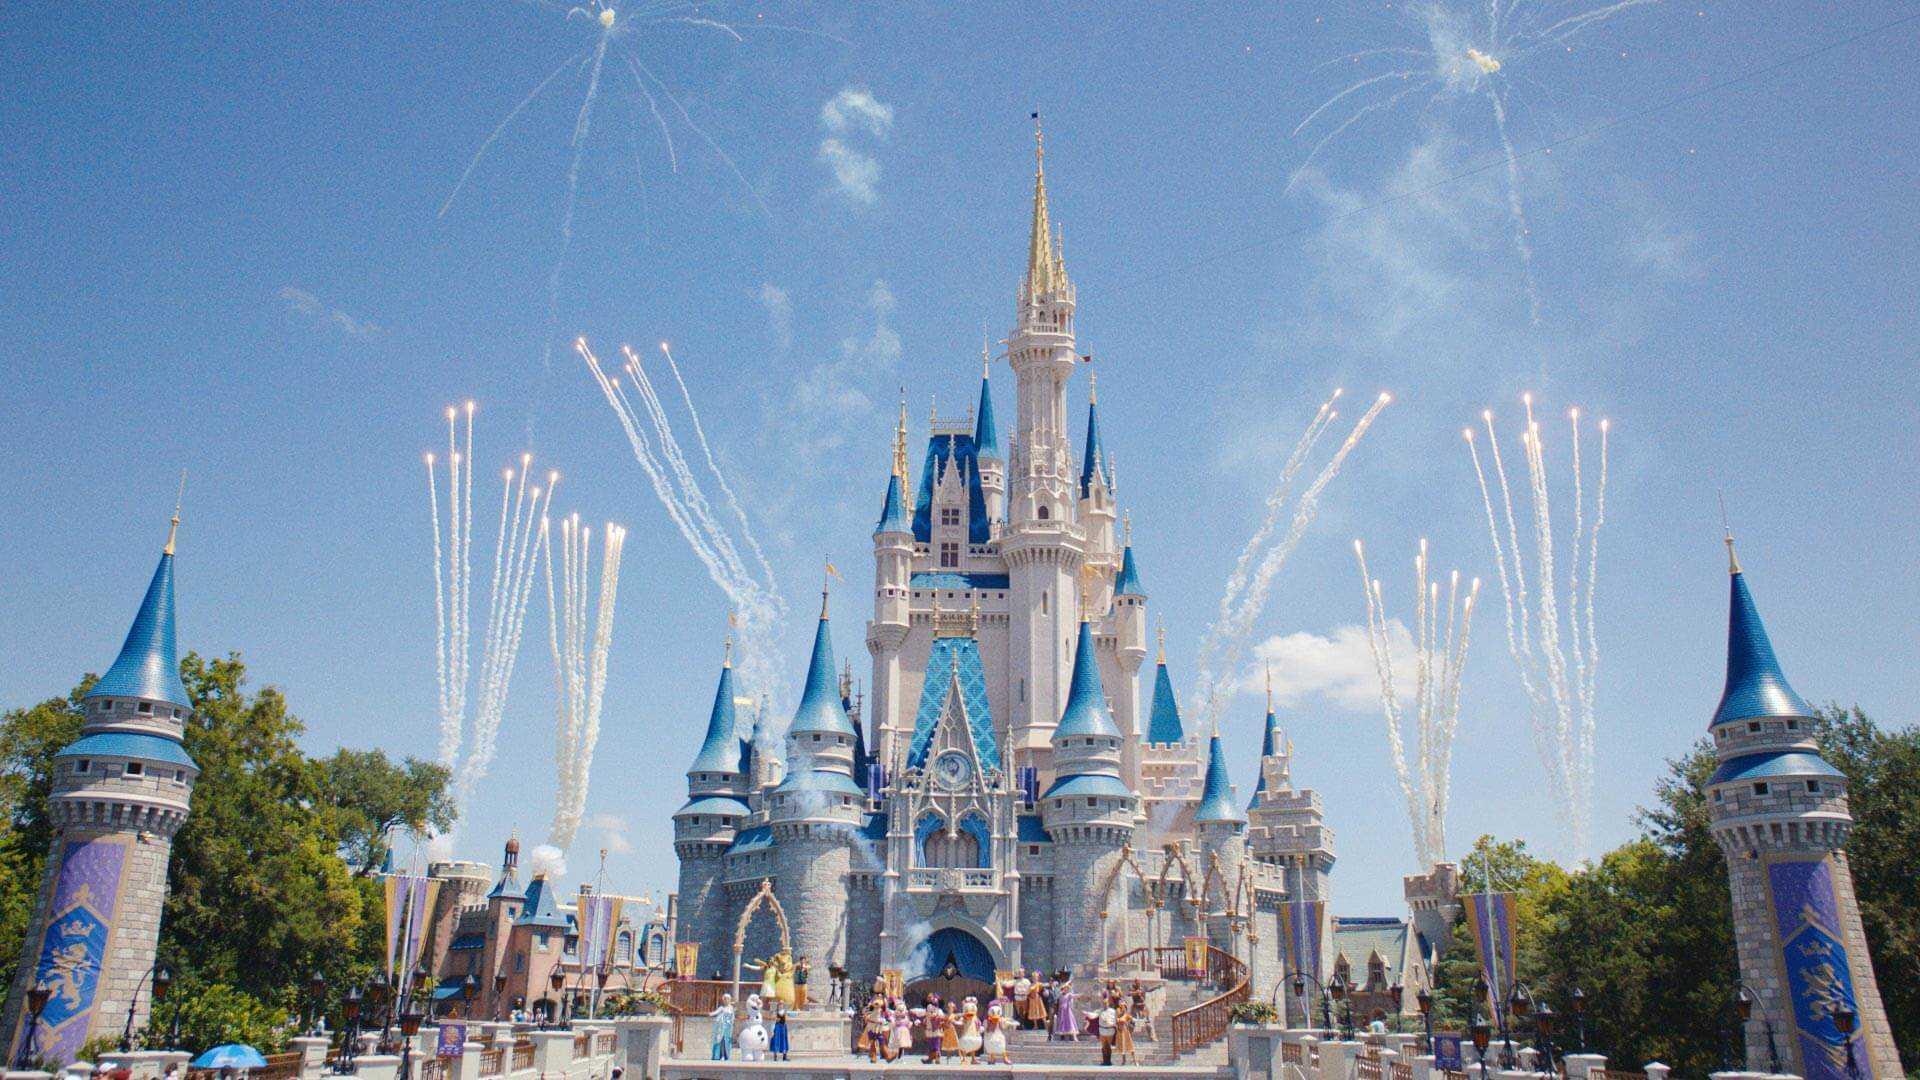 上海迪士尼门票多少钱一张?有优惠吗?